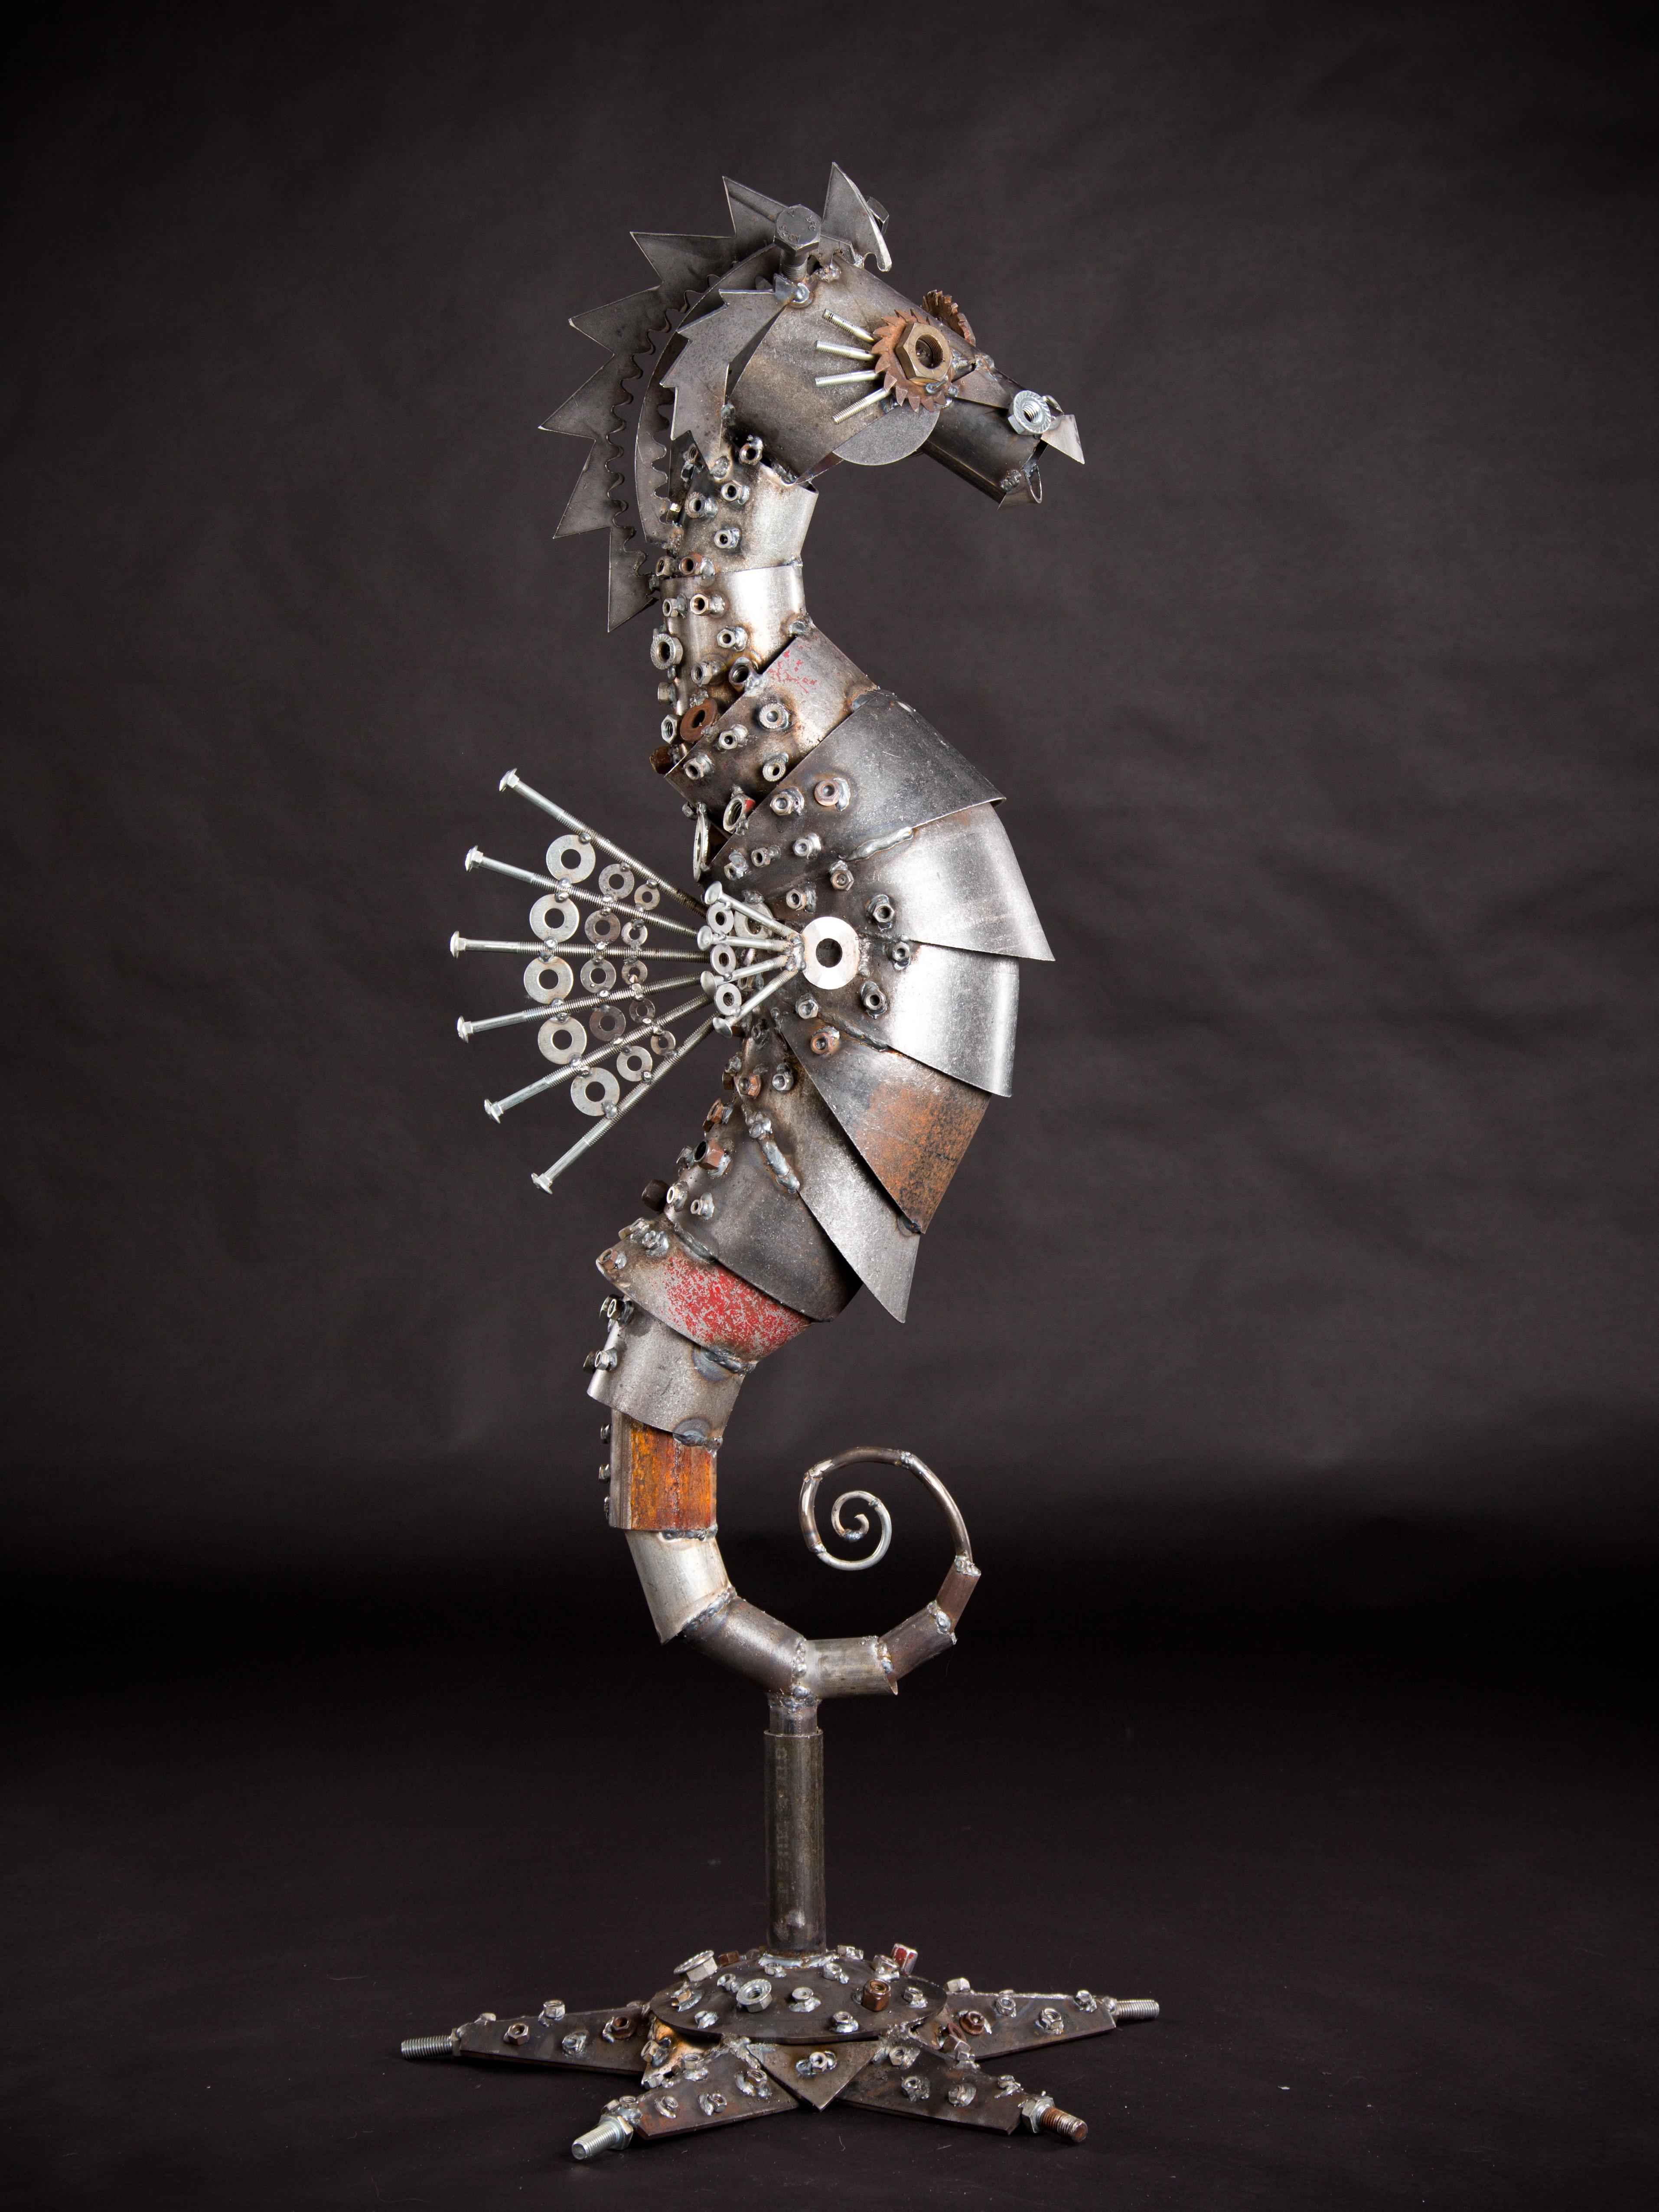 Seahorse No. 1